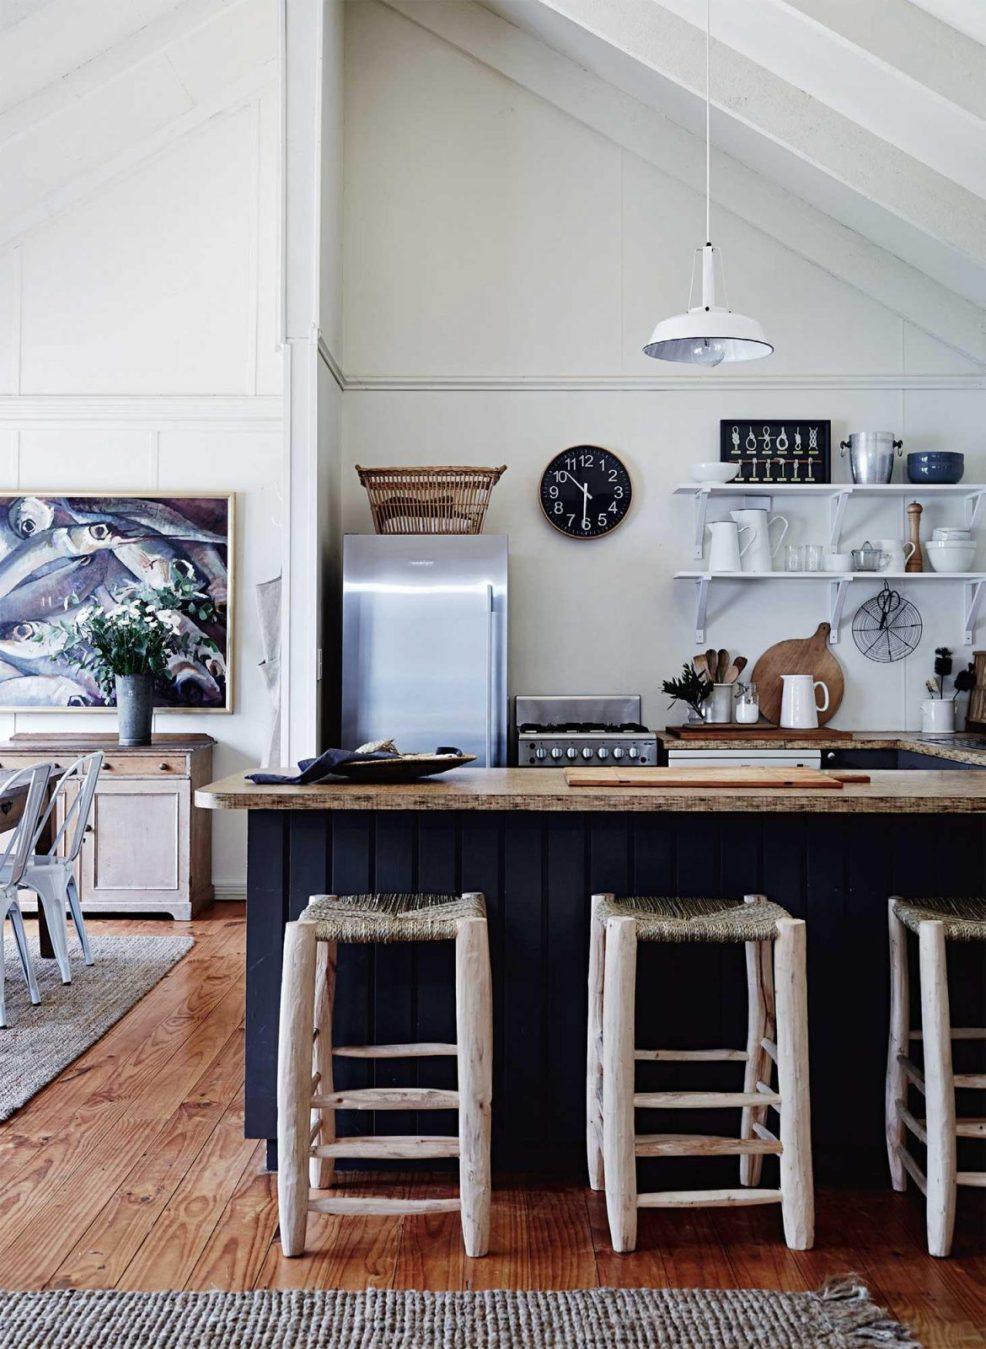 Une jolie cuisine à la décoration bord de mer, avec sa palette de couleurs marines et ses meubles de bois brut. Retrouvez plus de photos de cet intérieur dans l'article.